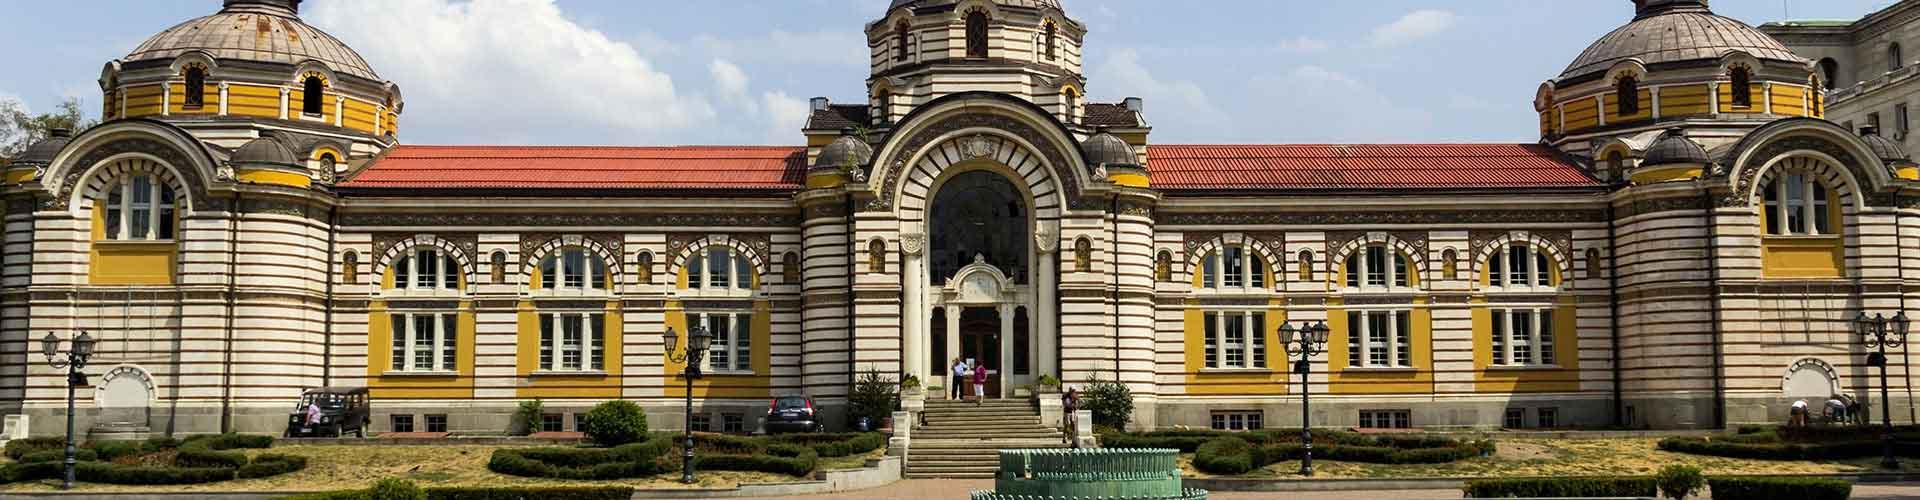 소피아 - Vitosha municipality지역에 위치한 호스텔. 소피아의 지도, 소피아에 위치한 호스텔에 대한 사진 및 리뷰.